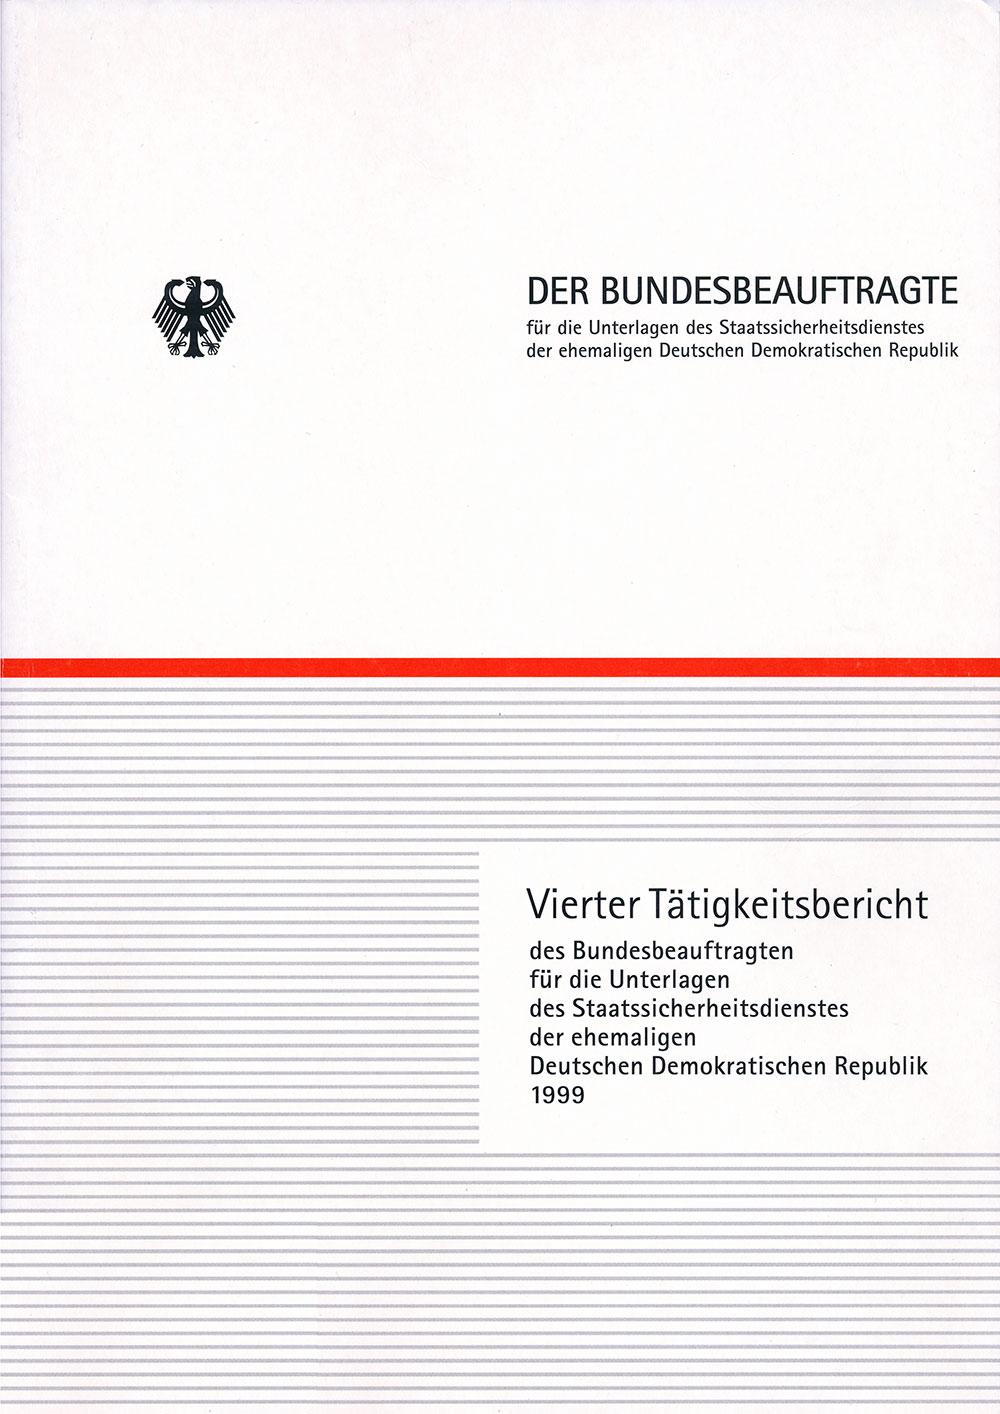 Titelblatt des vierten Tätigkeitsberichts des BStU